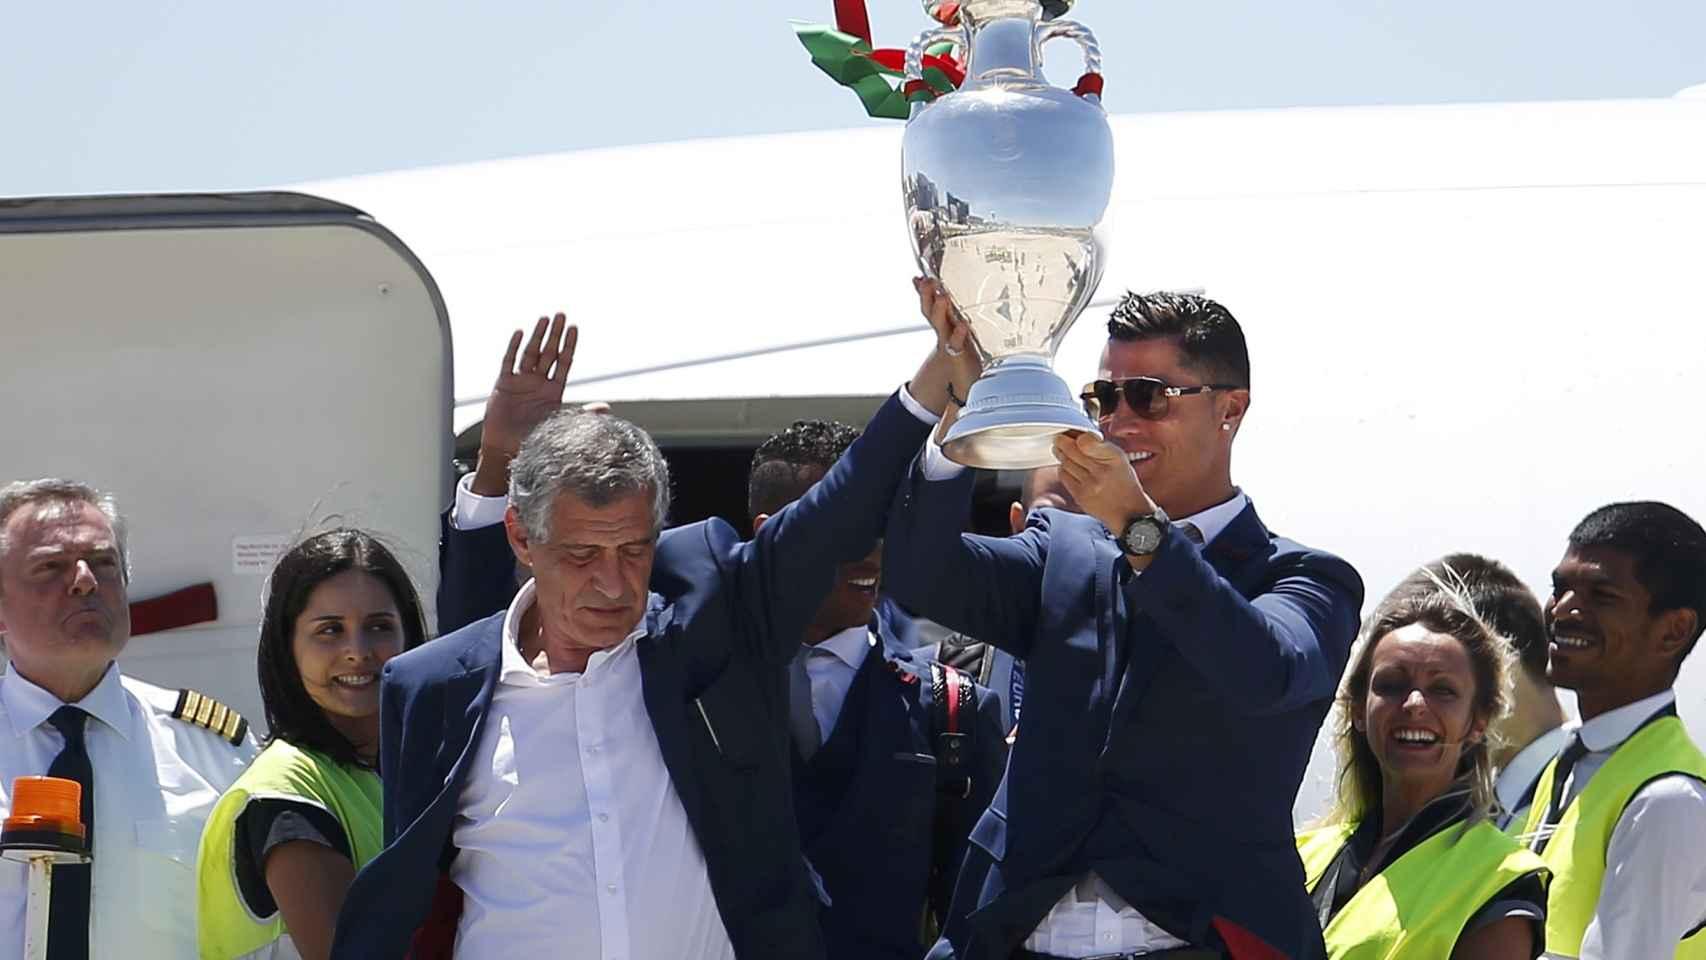 La Copa aterrizó en Lisboa en las manos de Cristiano Ronaldo, capitán, y Fernando Santos, seleccionador nacional.